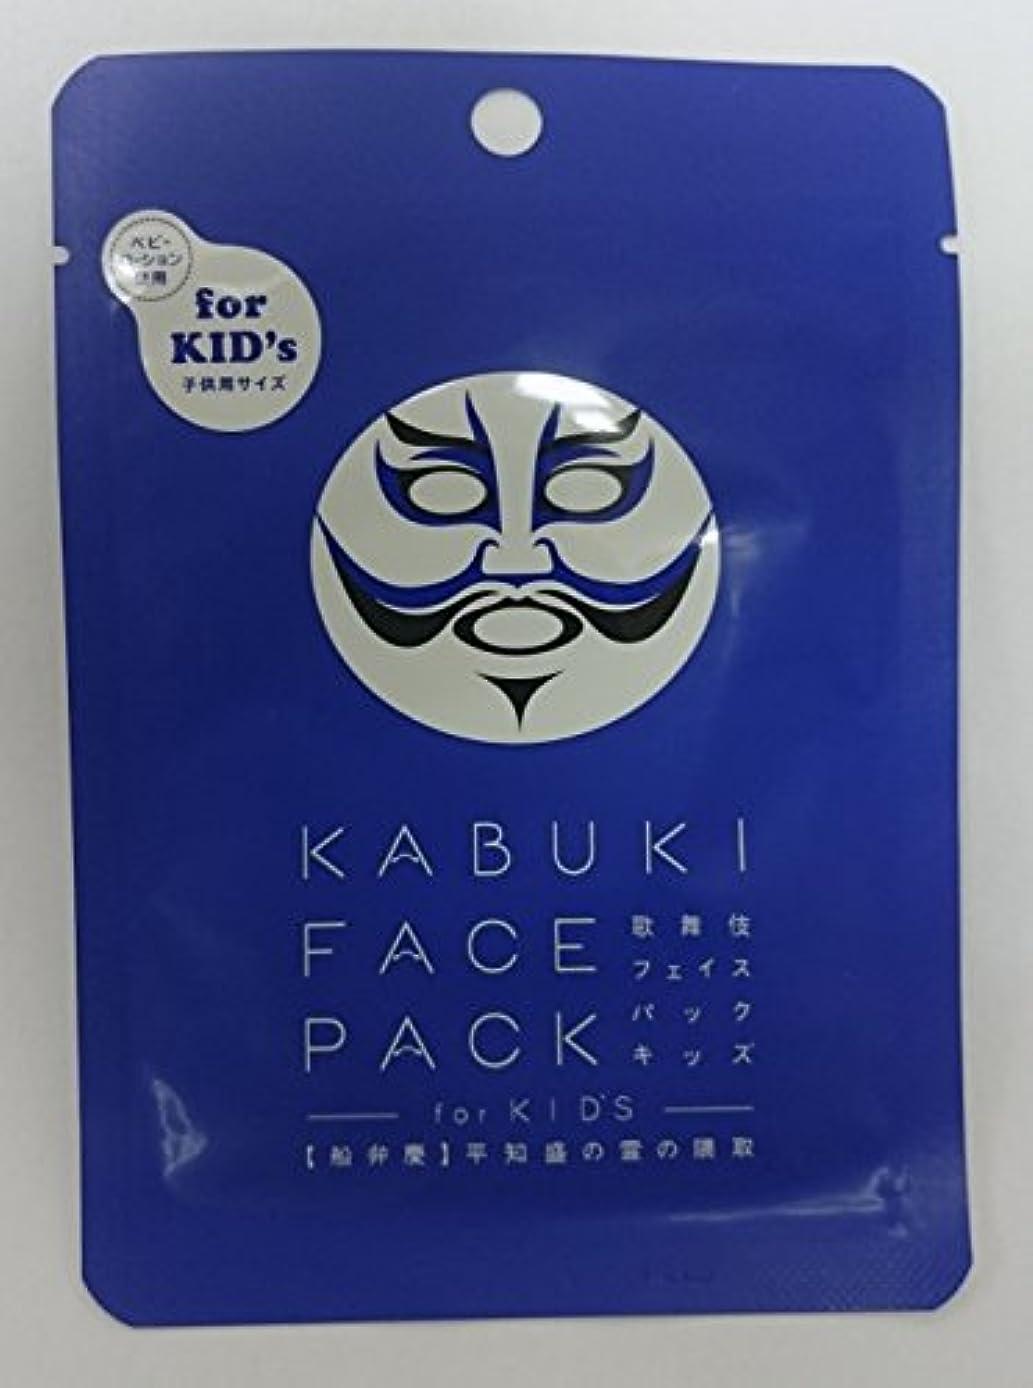 蒸発尾ポーター歌舞伎フェイスパック 子供用 KABUKI FACE PACK For Kids パンダ トラも! ベビーローション使用